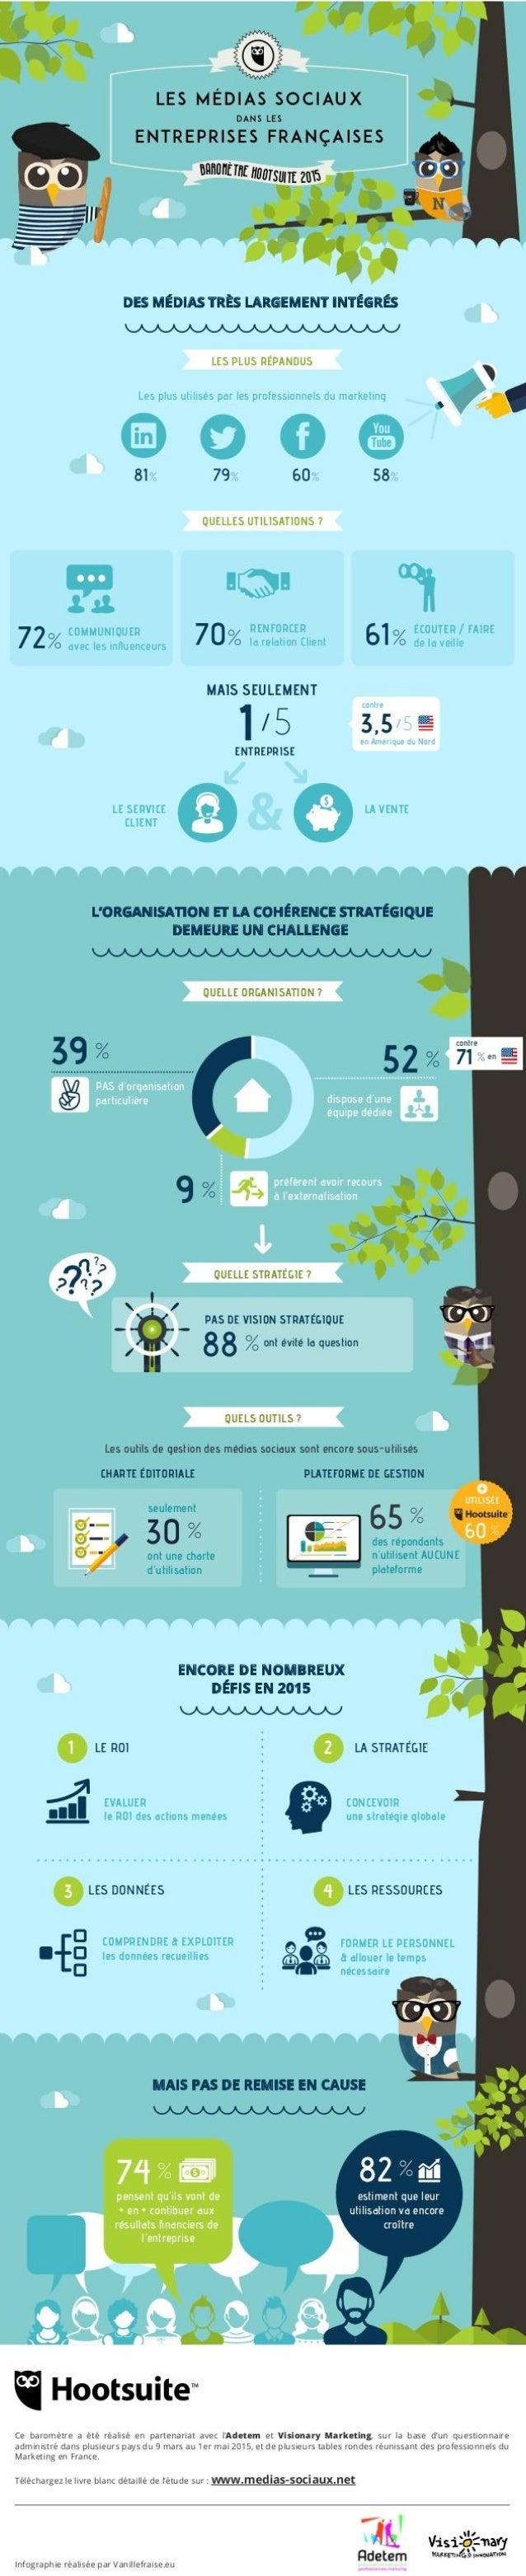 Baromètre des réseaux sociaux : France vs USA